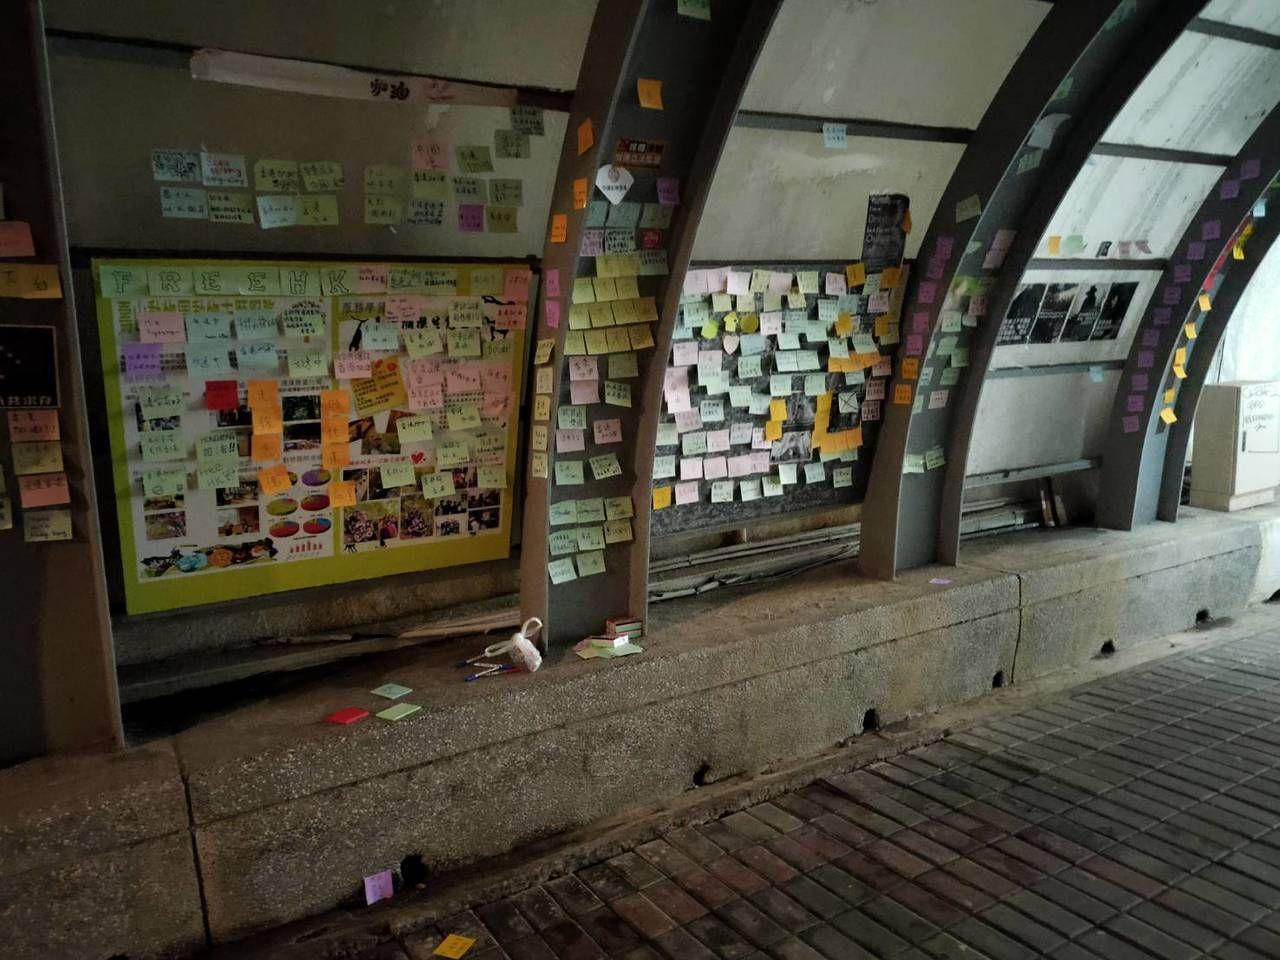 台灣中山大學日前學校布告欄聲援反送中字條遭破壞。(網上圖片)